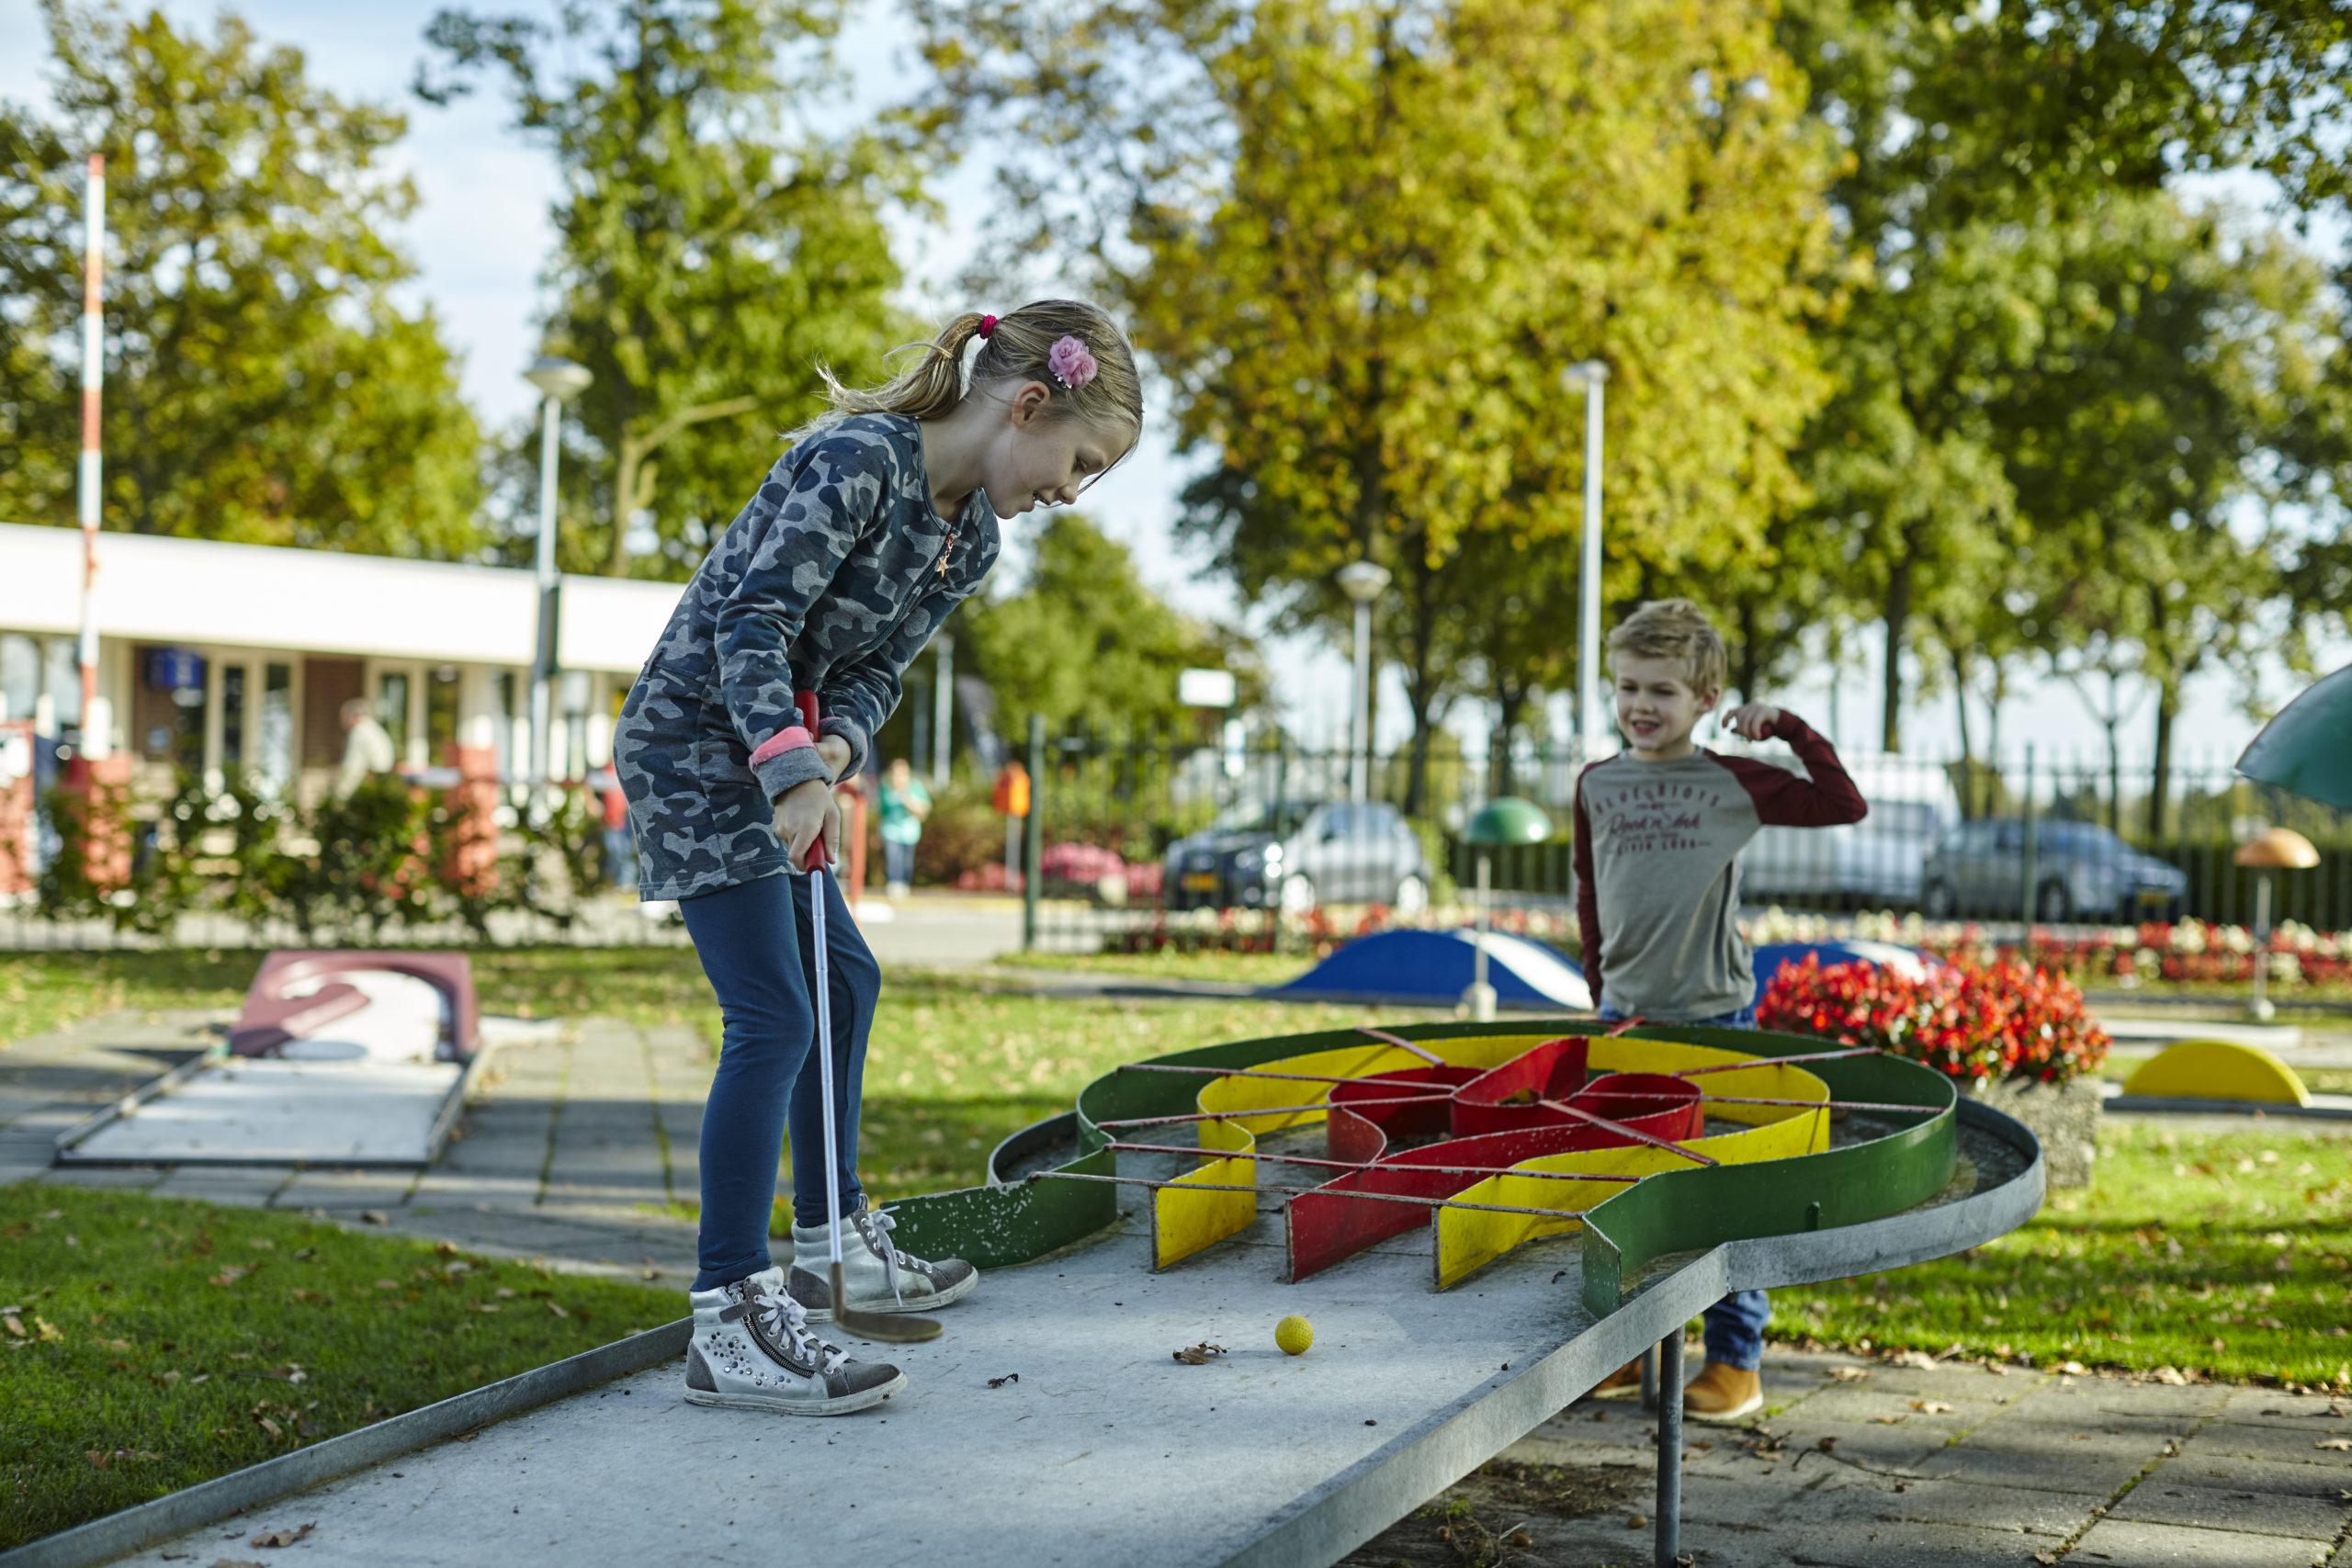 Midgetgolfbaan - Recreatiepark De Leistert